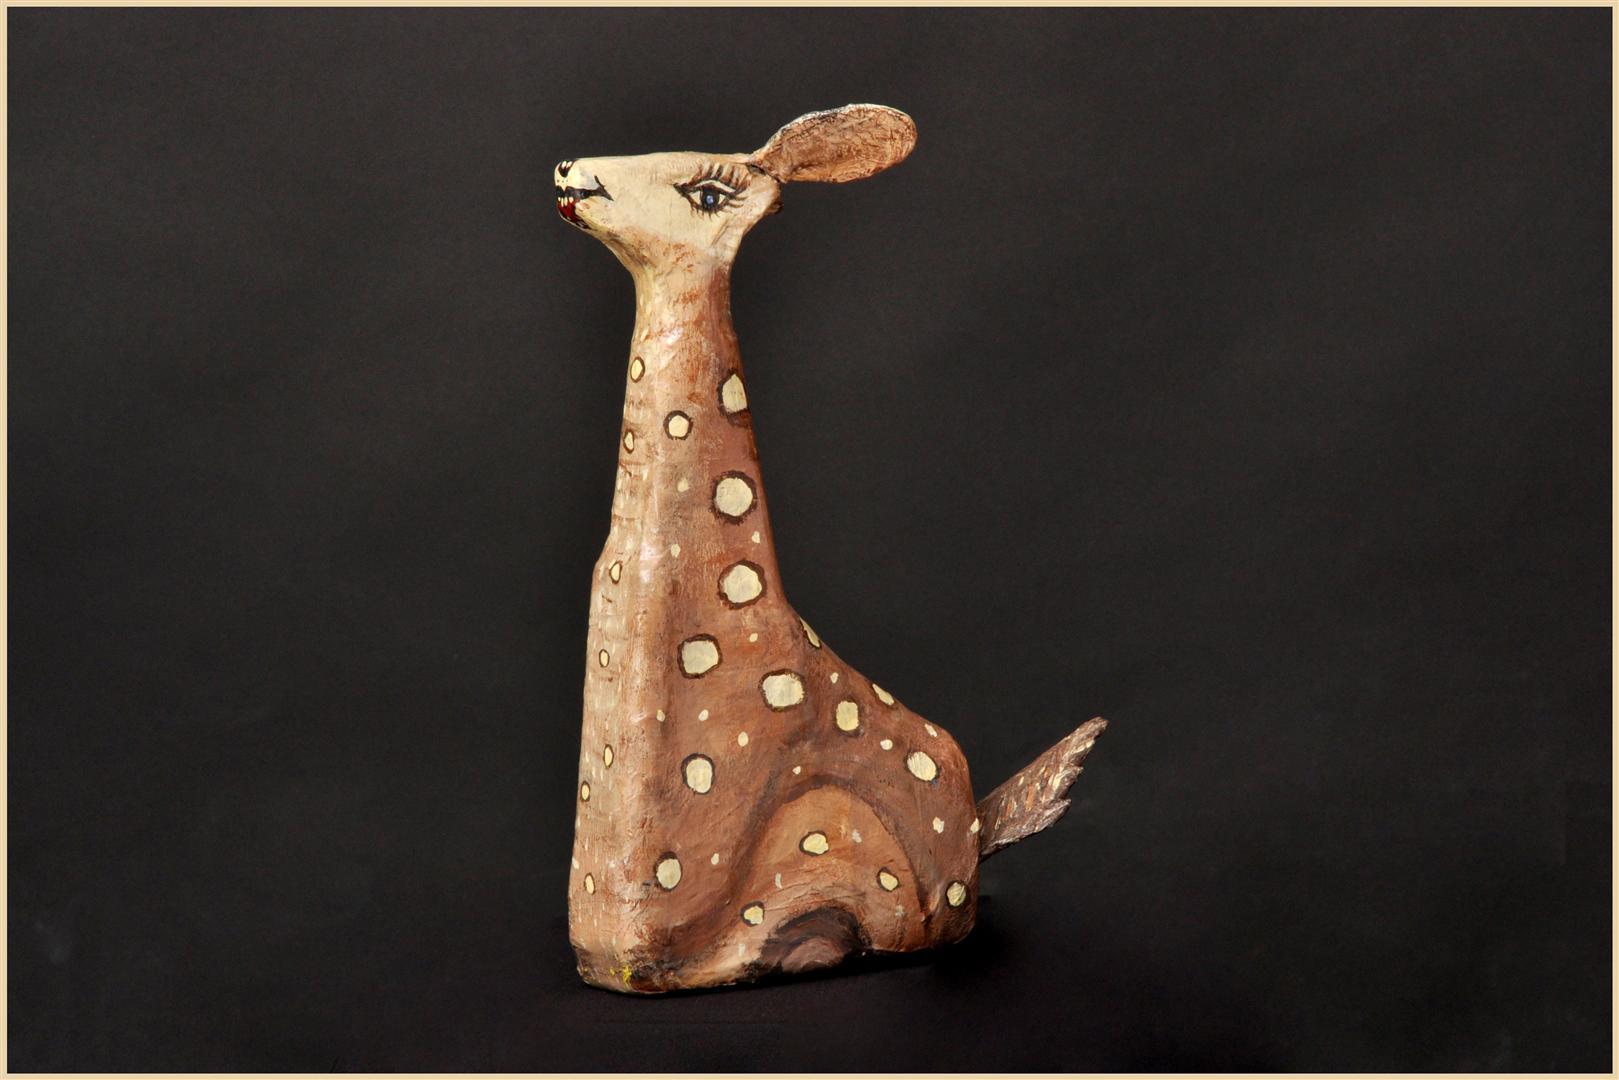 עופר מפוסל מבקבוק פלסטיק של חומרי ניקוי - אומנות אקולוגית